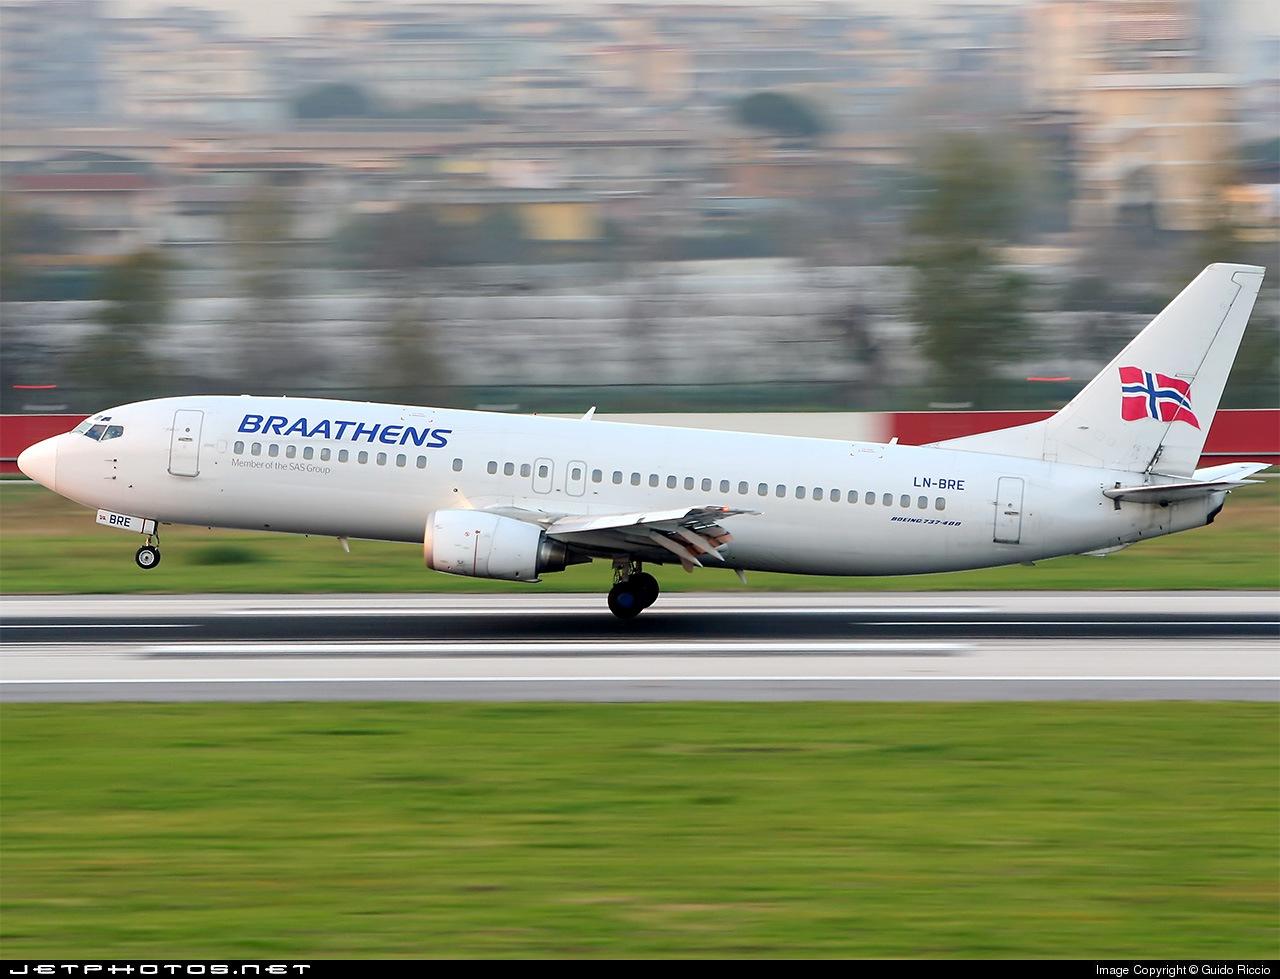 LN-BRE - Boeing 737-405 - Braathens